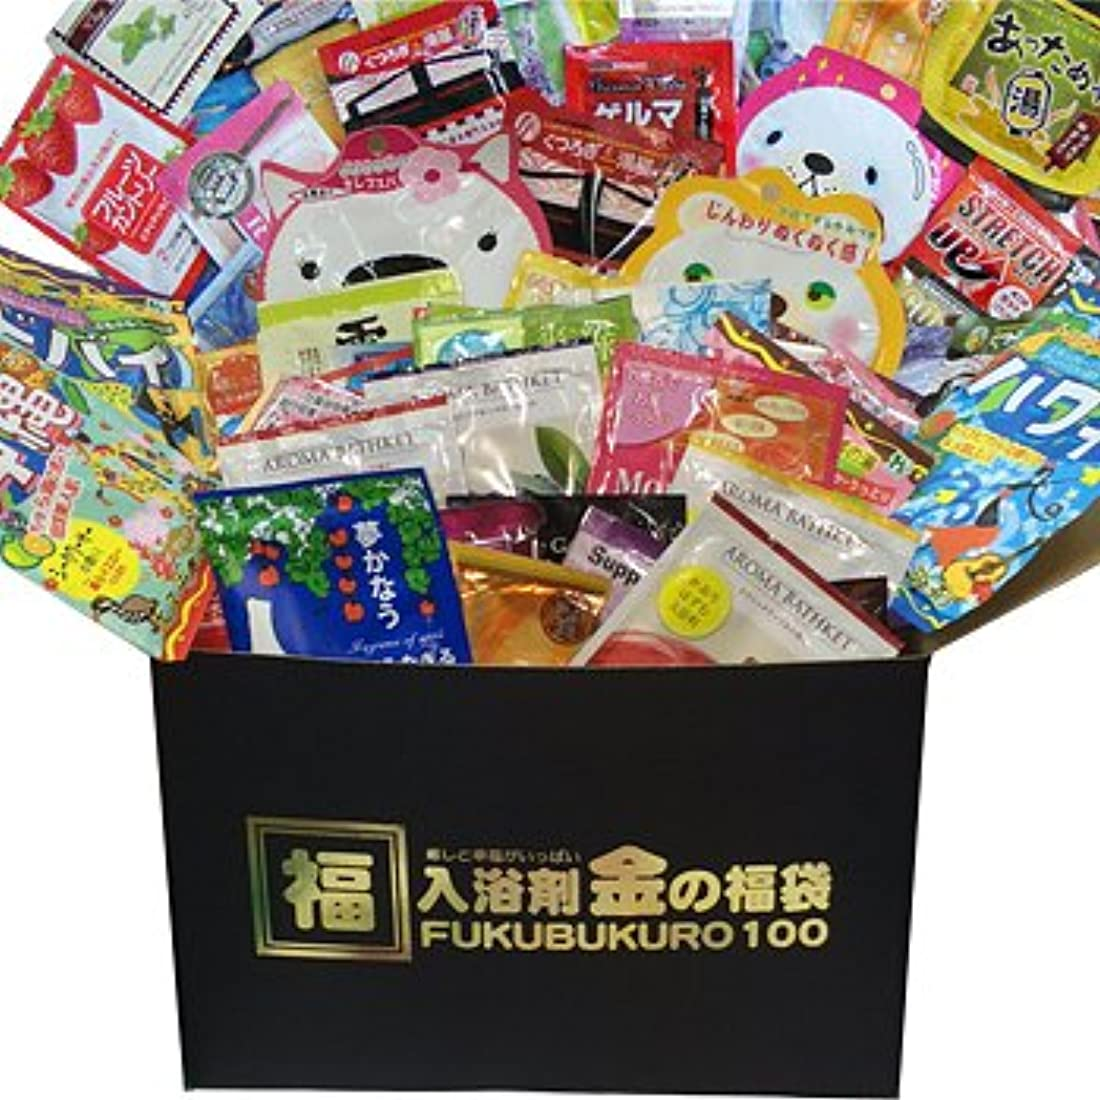 広く聖歌すばらしいです金の! 【入浴剤 福袋】100個 安心の日本製!入浴剤福袋/入浴剤 福袋/ギフト